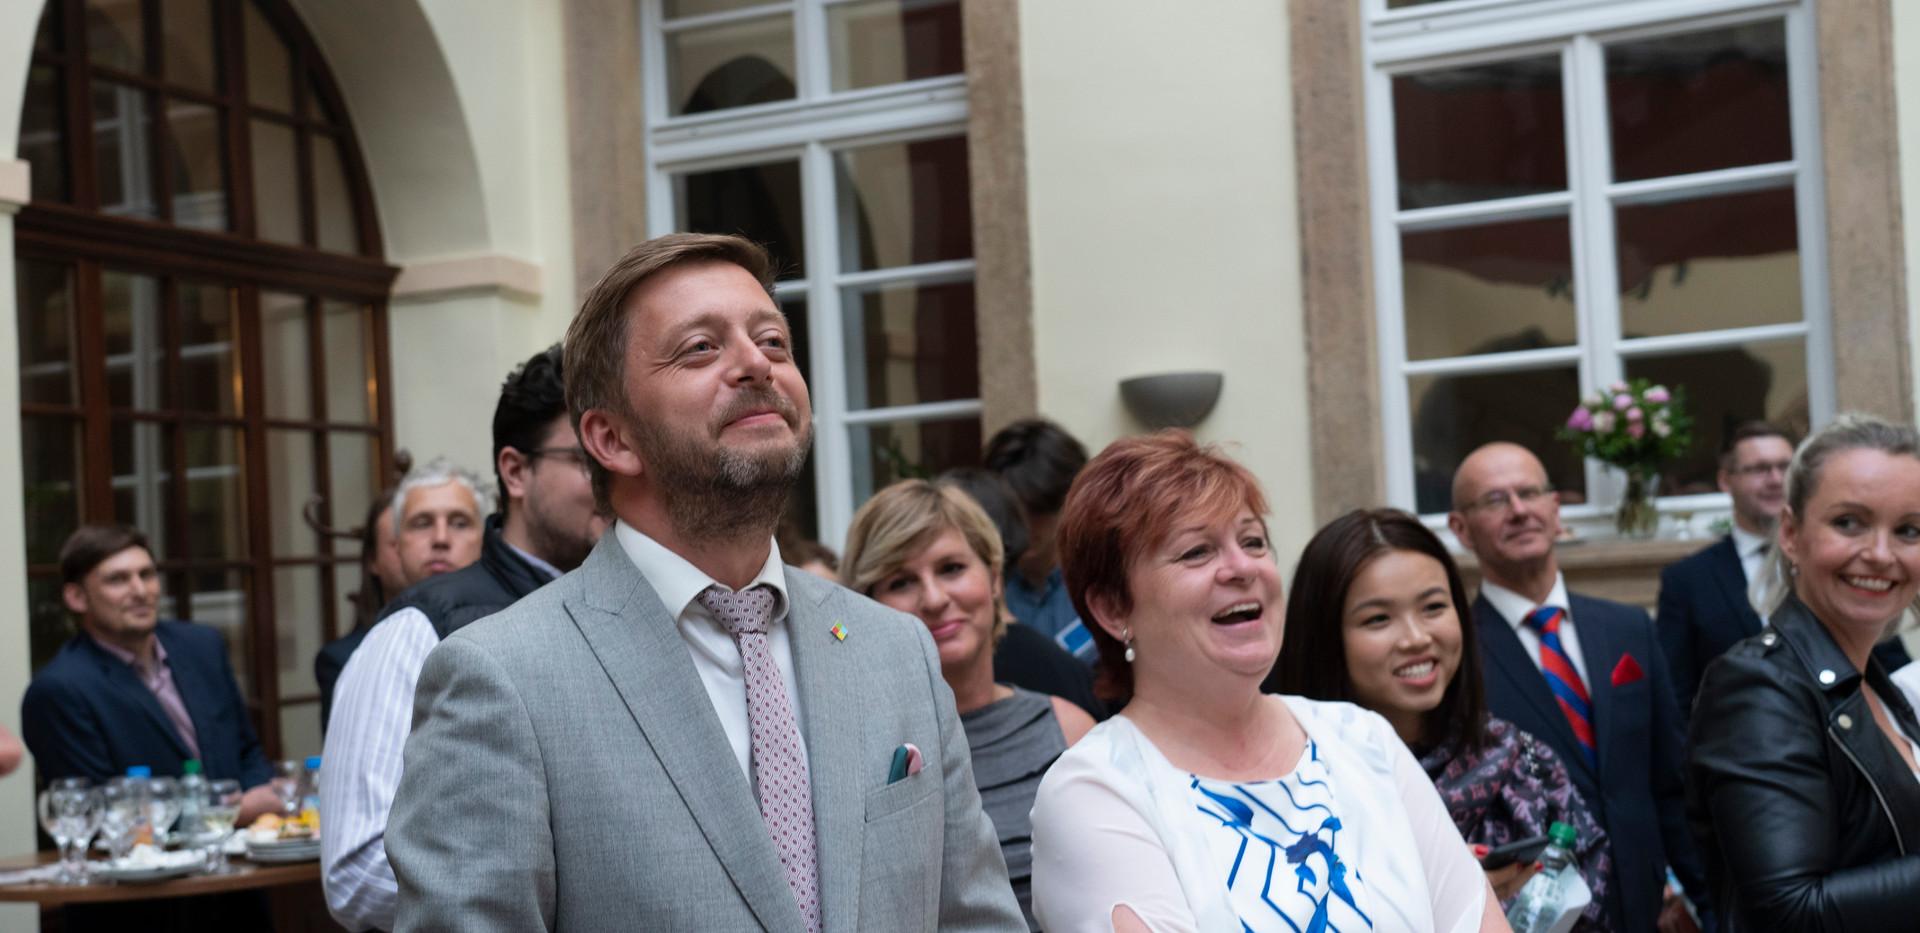 Usmev_snemovna_2020_061.jpg